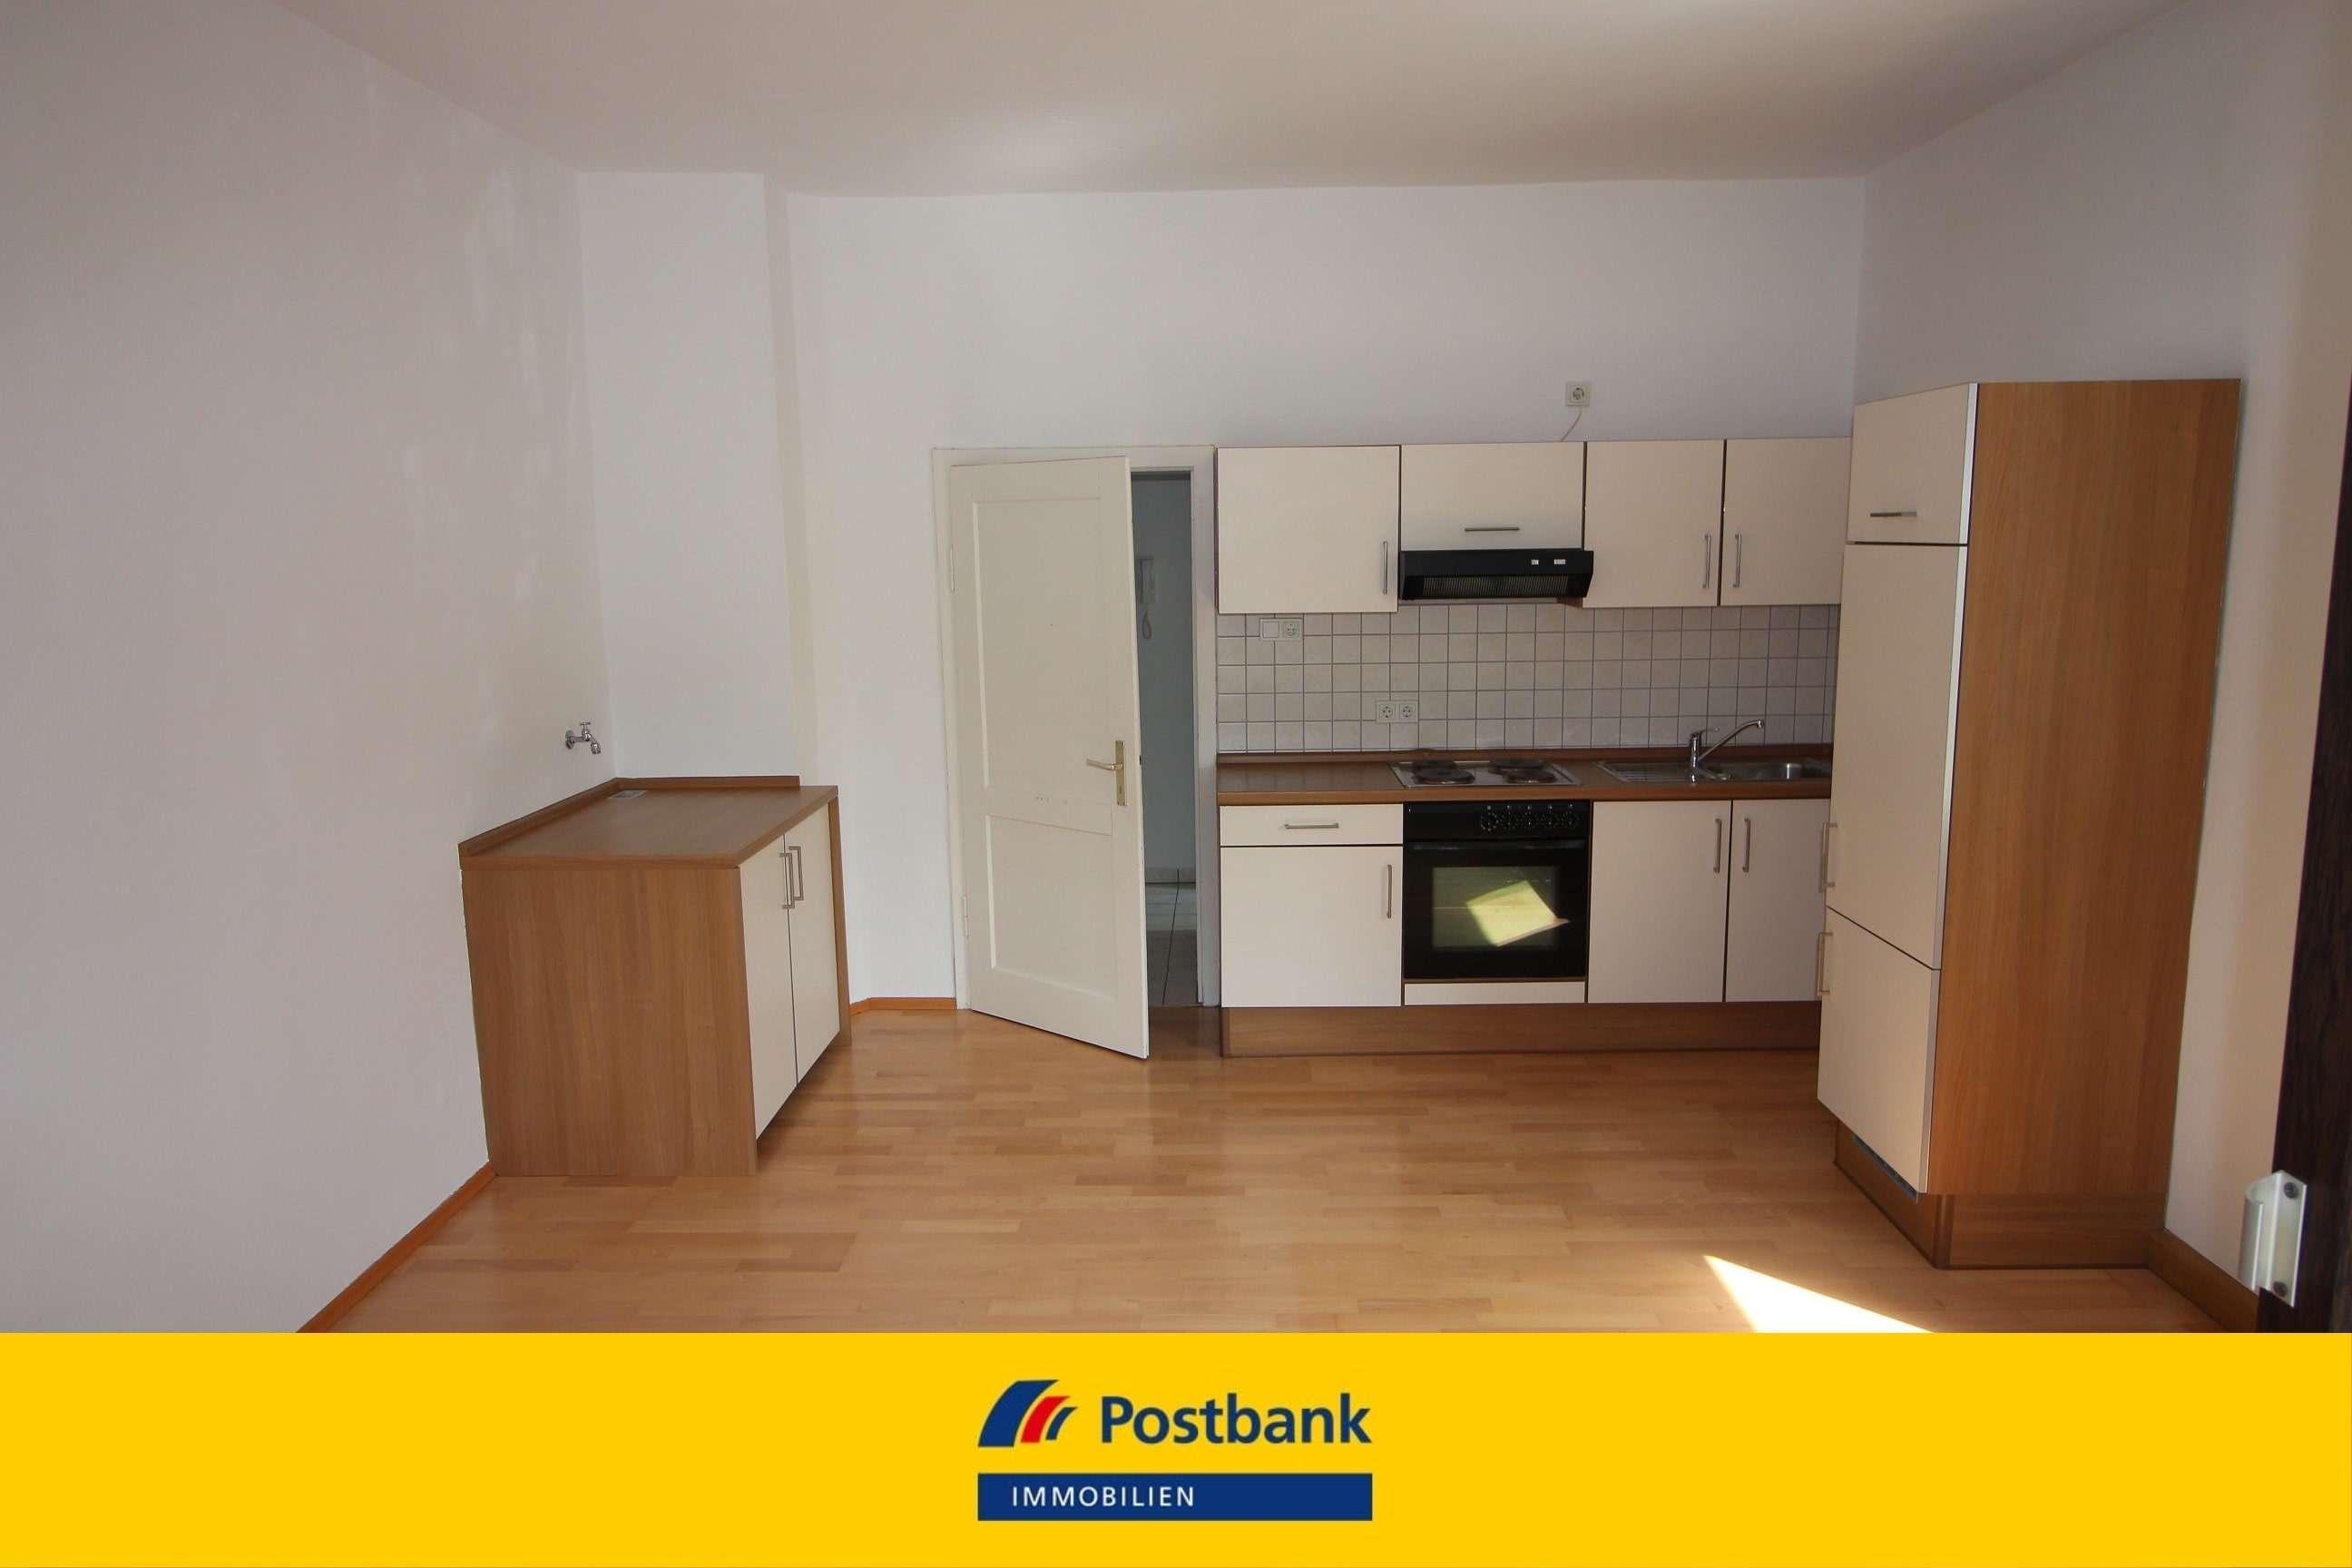 Gemütliche 2-Zimmer-Wohnung in Deggendorf - Nähe Bahnhof!